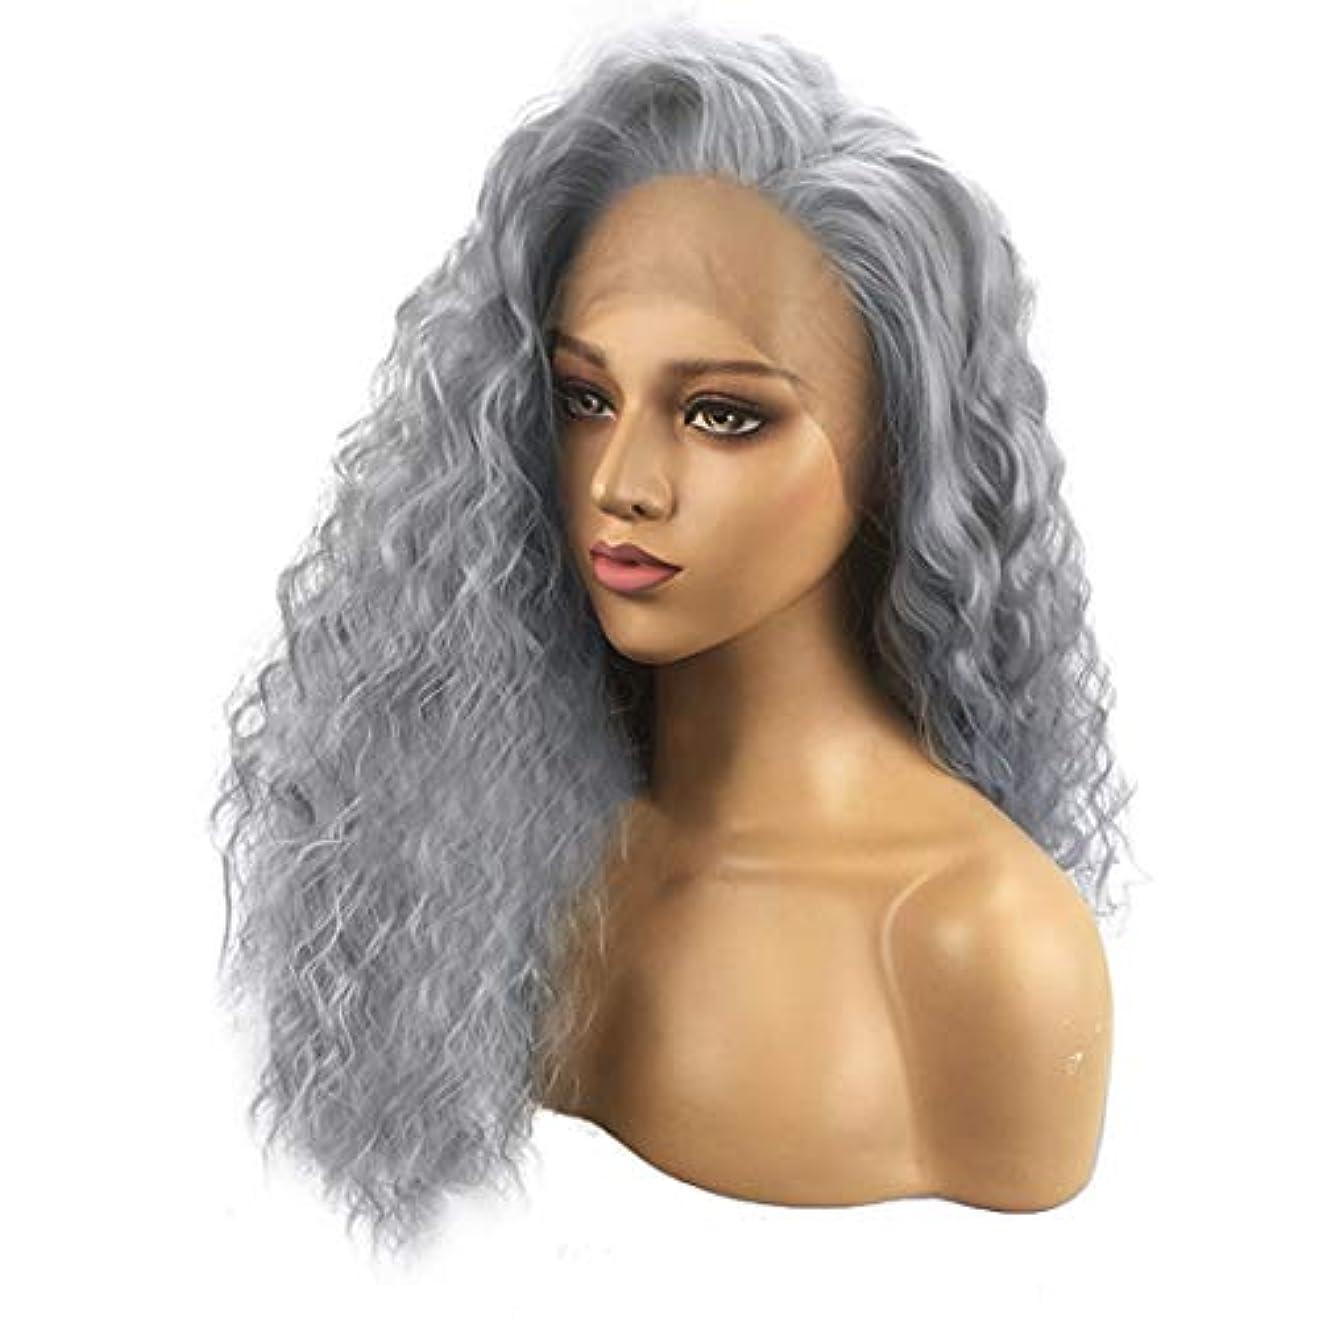 マニュアル赤字第二Fuku つけ毛 かつら女性のフロントのレースの長い巻き毛の化学繊維のレースのヘッドギア (色 : 写真の通り)